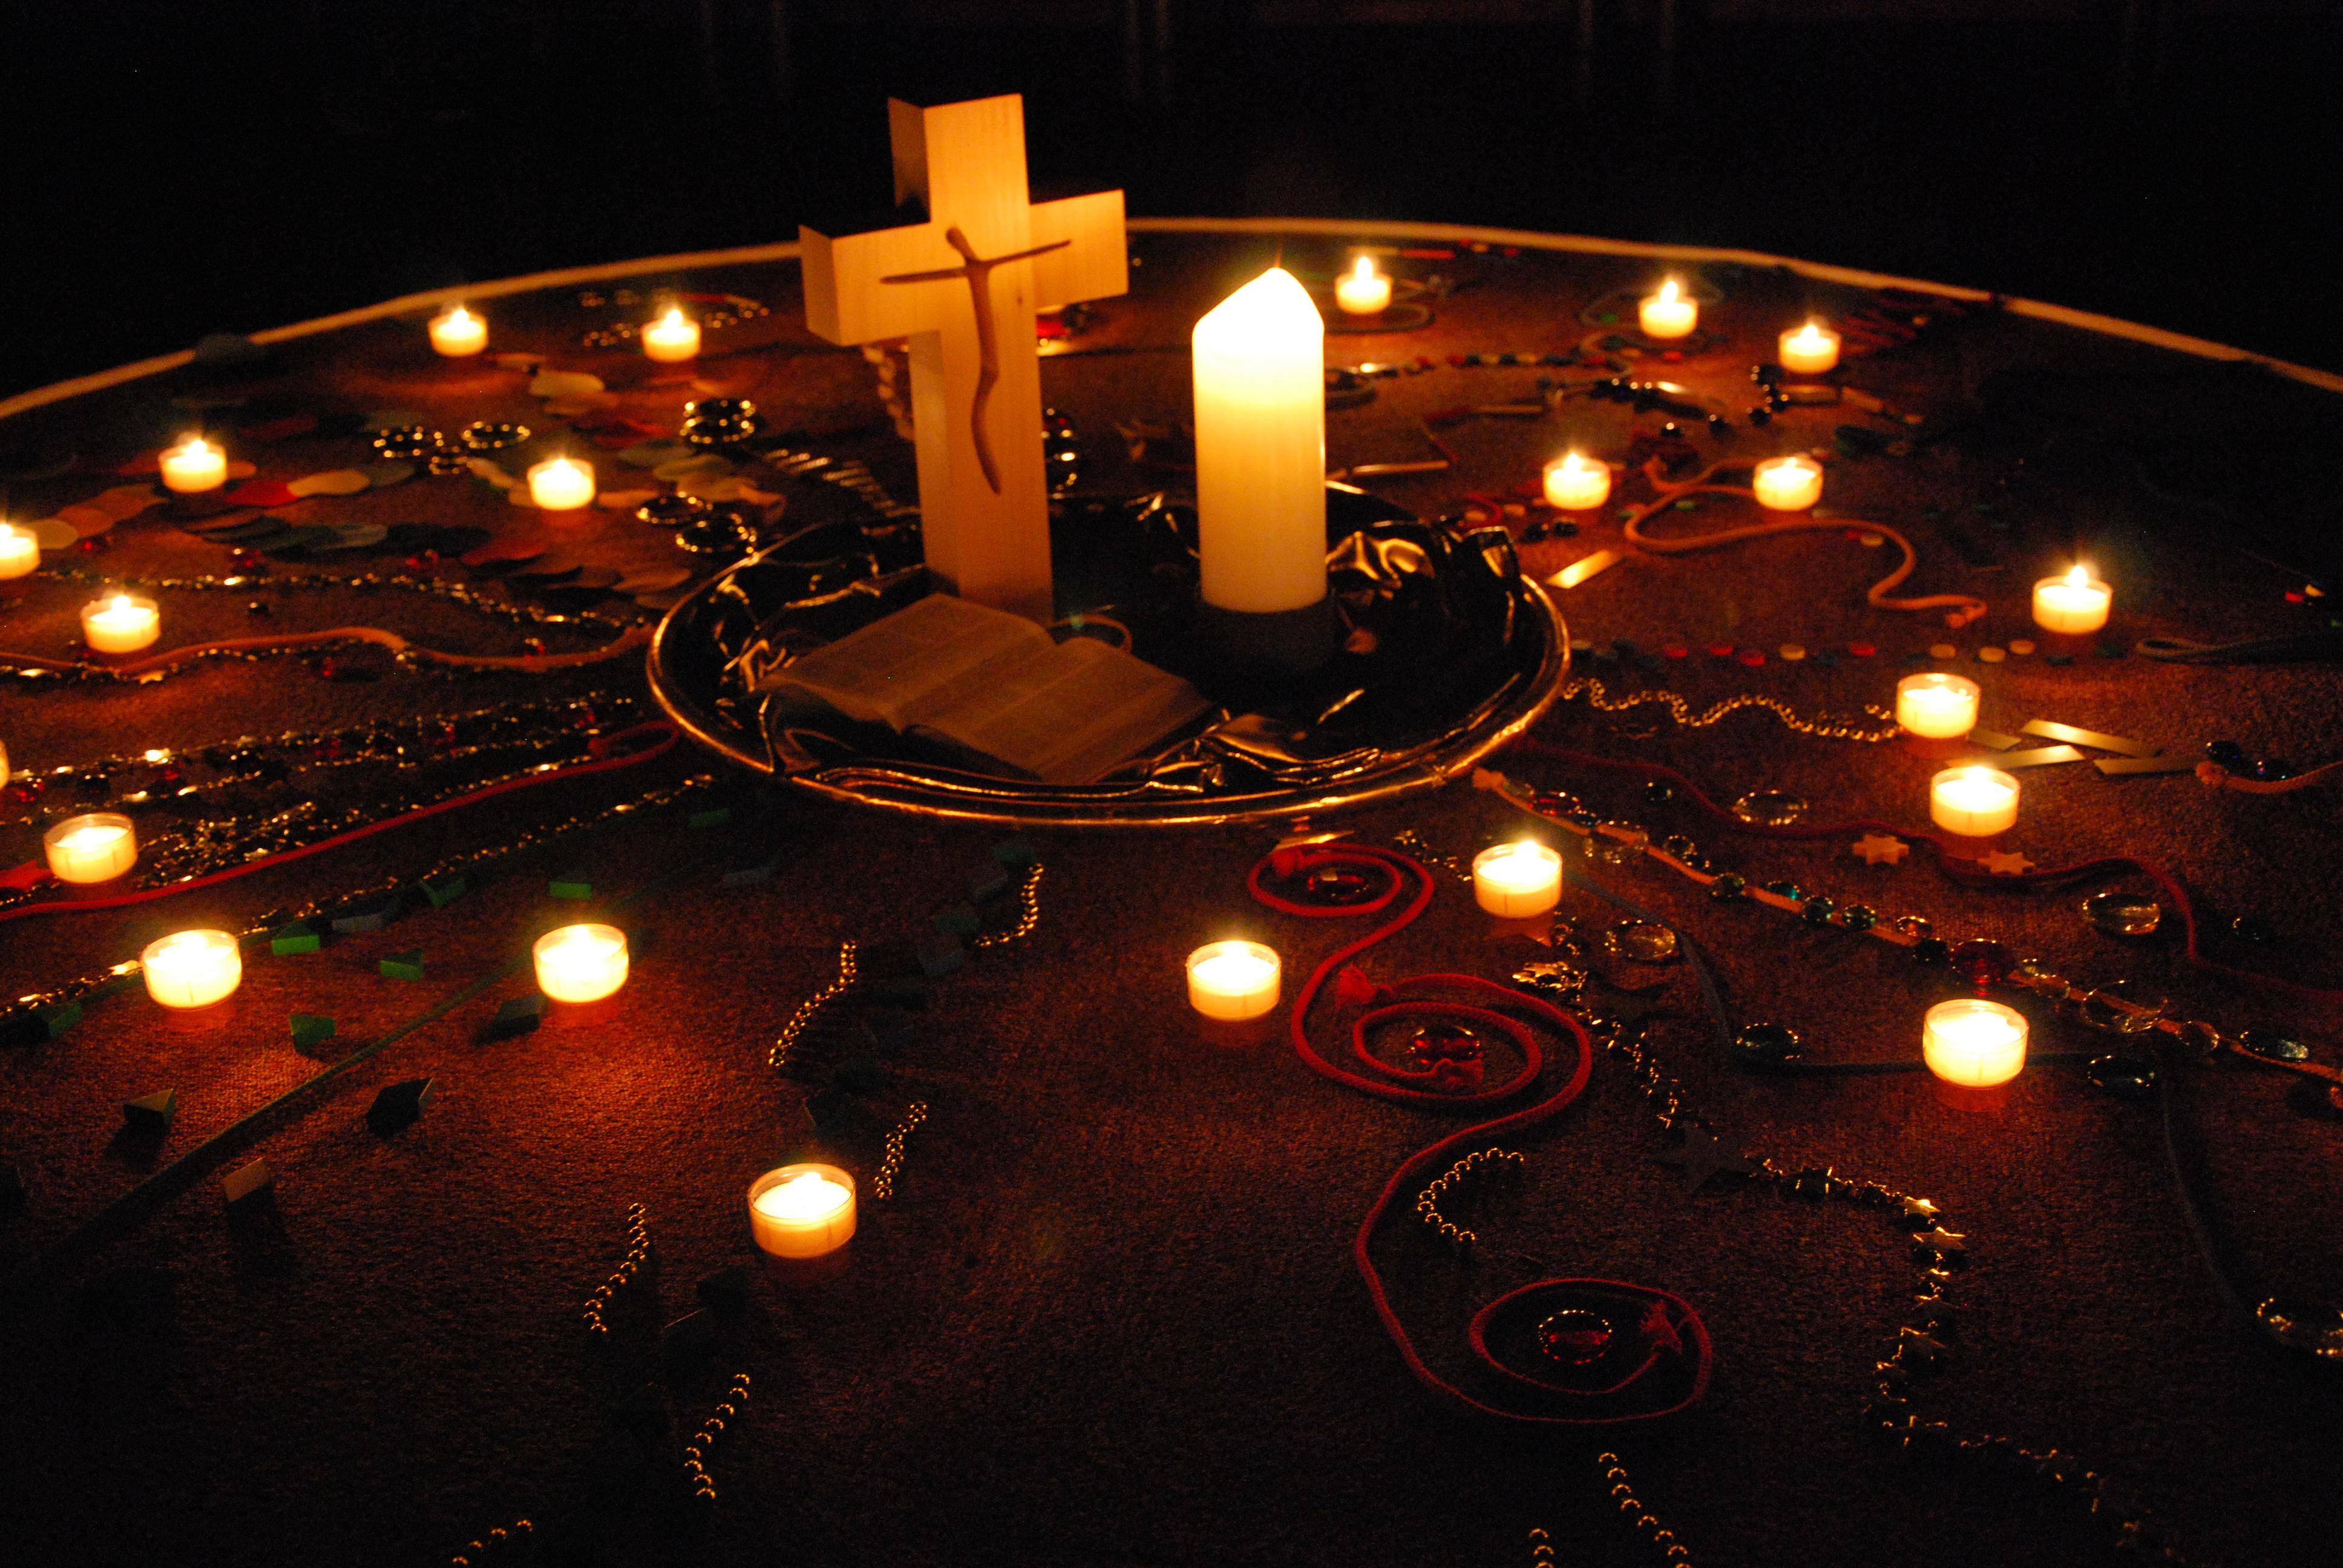 Gestaltete Mitte mit Steinen, Bändern und Kerzen, die zum Kreuz, zur Bibel und zur Kerze in die Mitte führen.